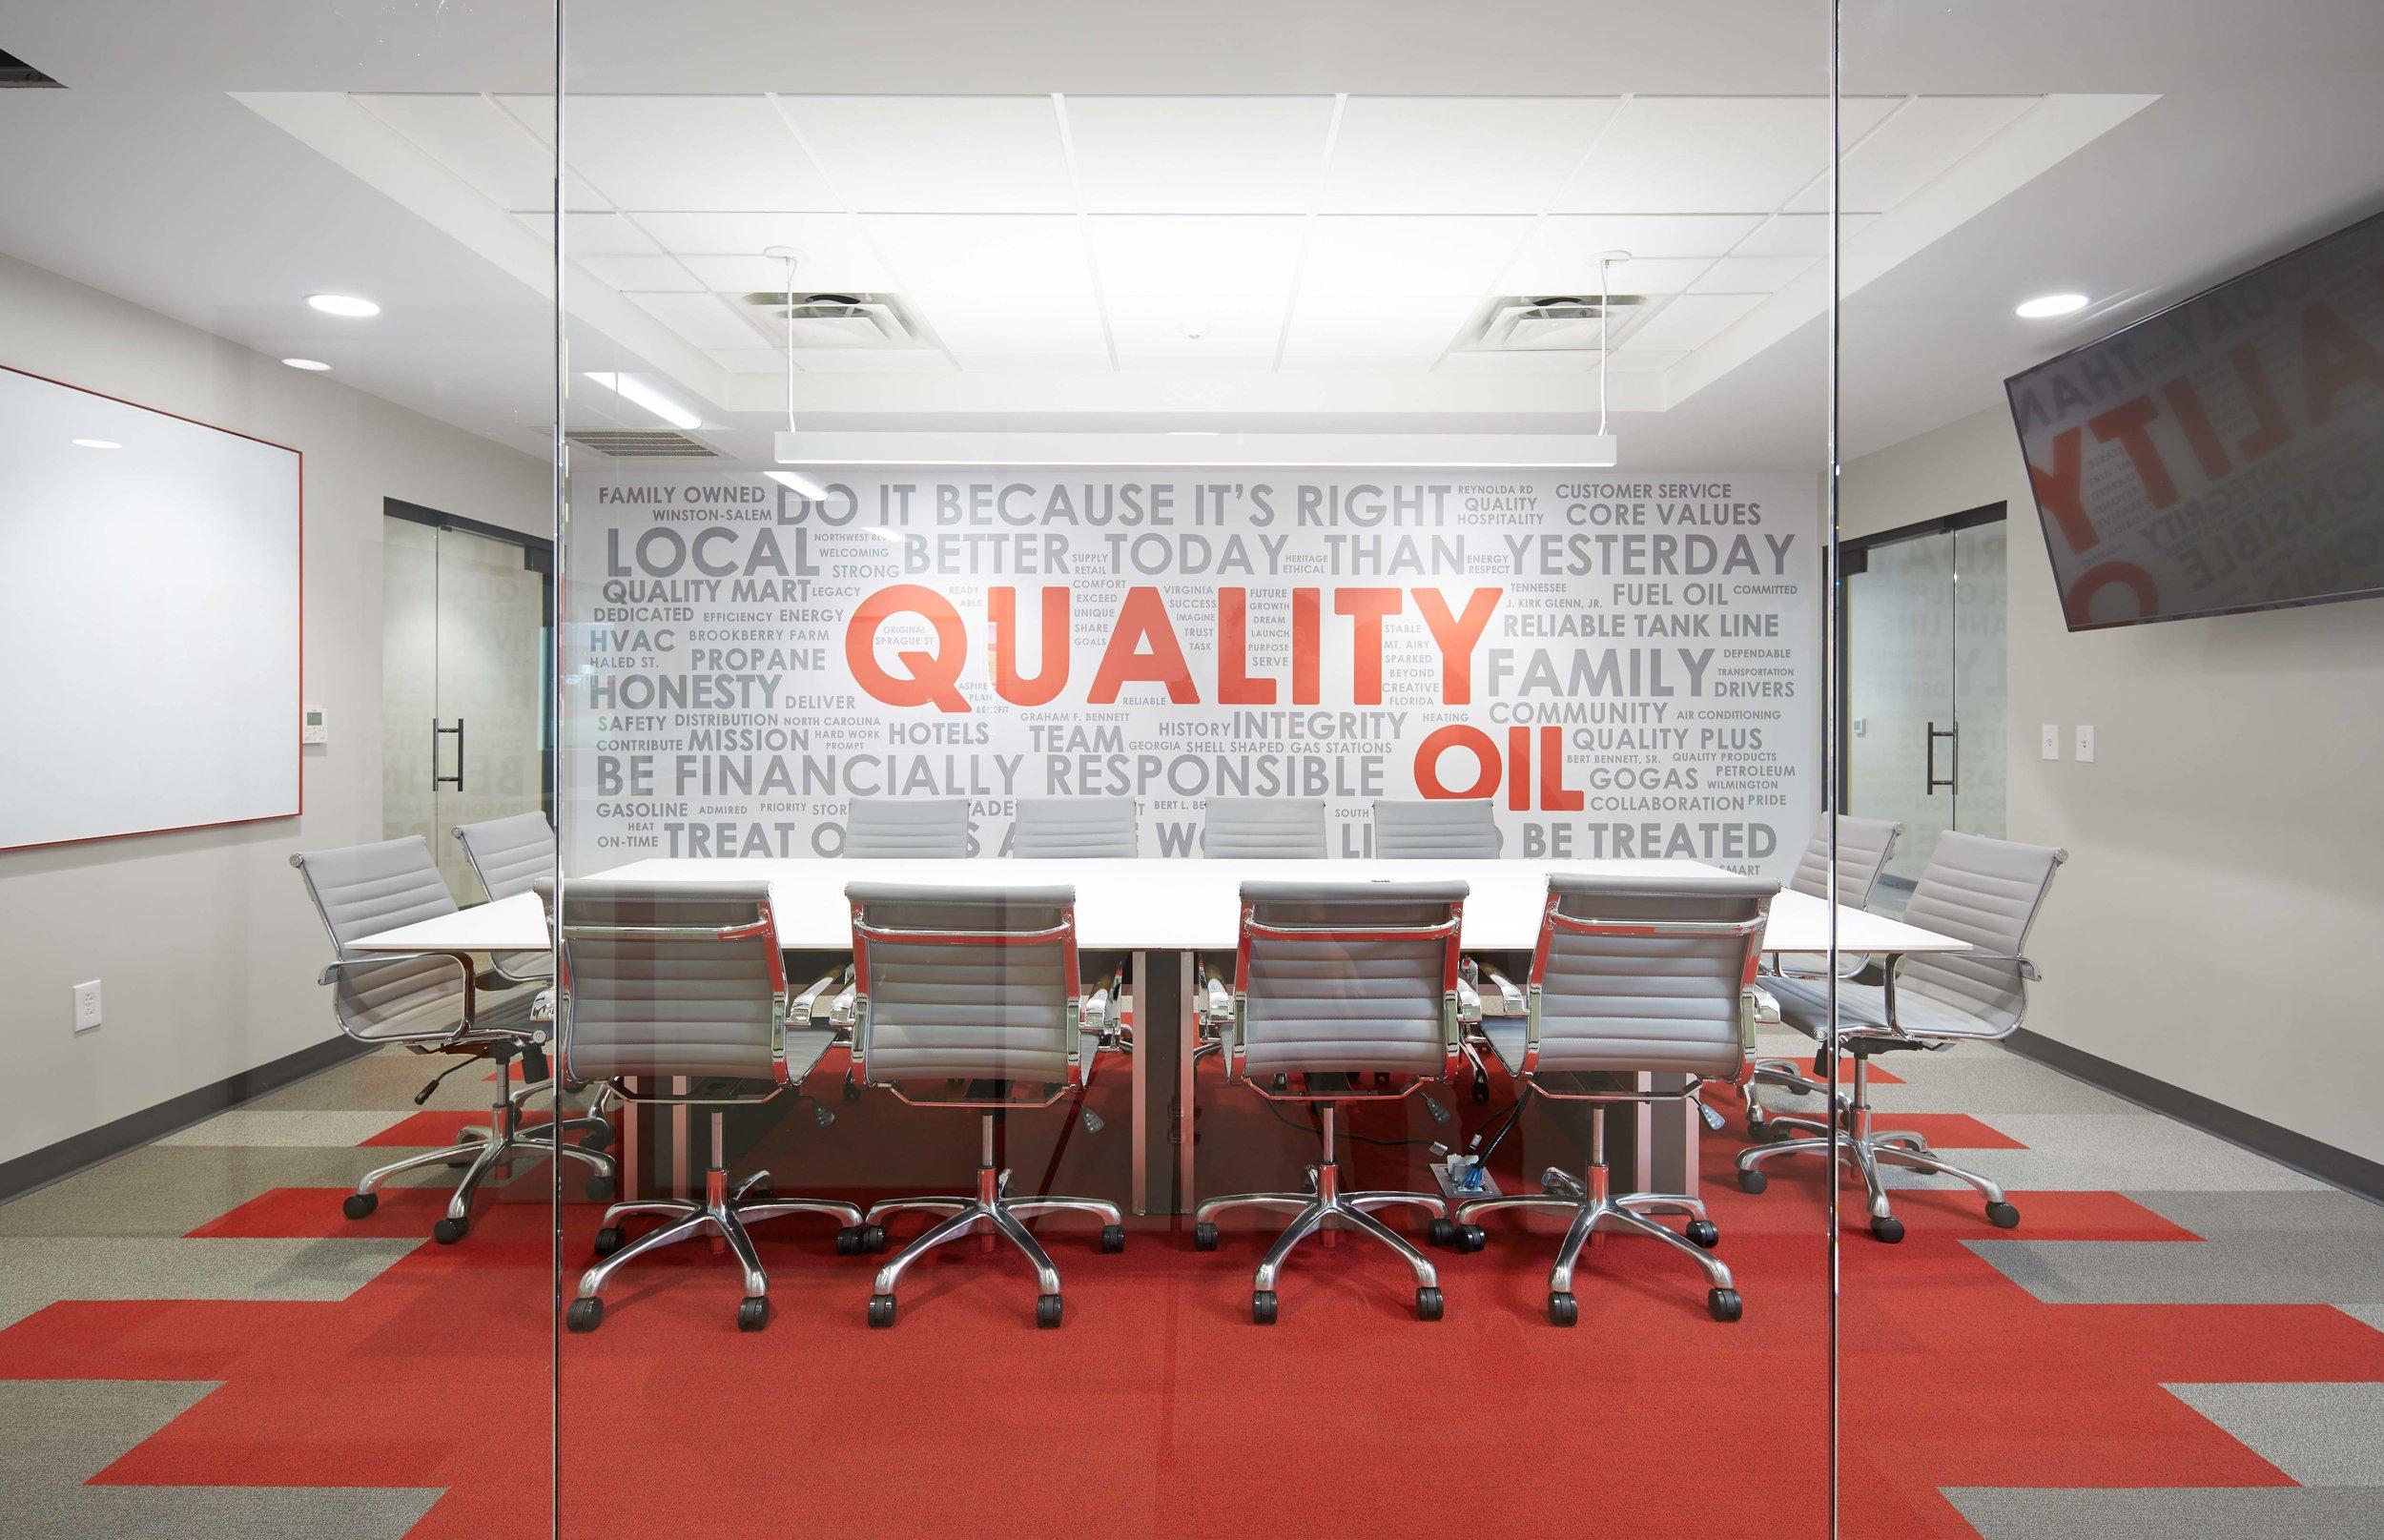 STITCH_001_Quality_Oil_008.jpg